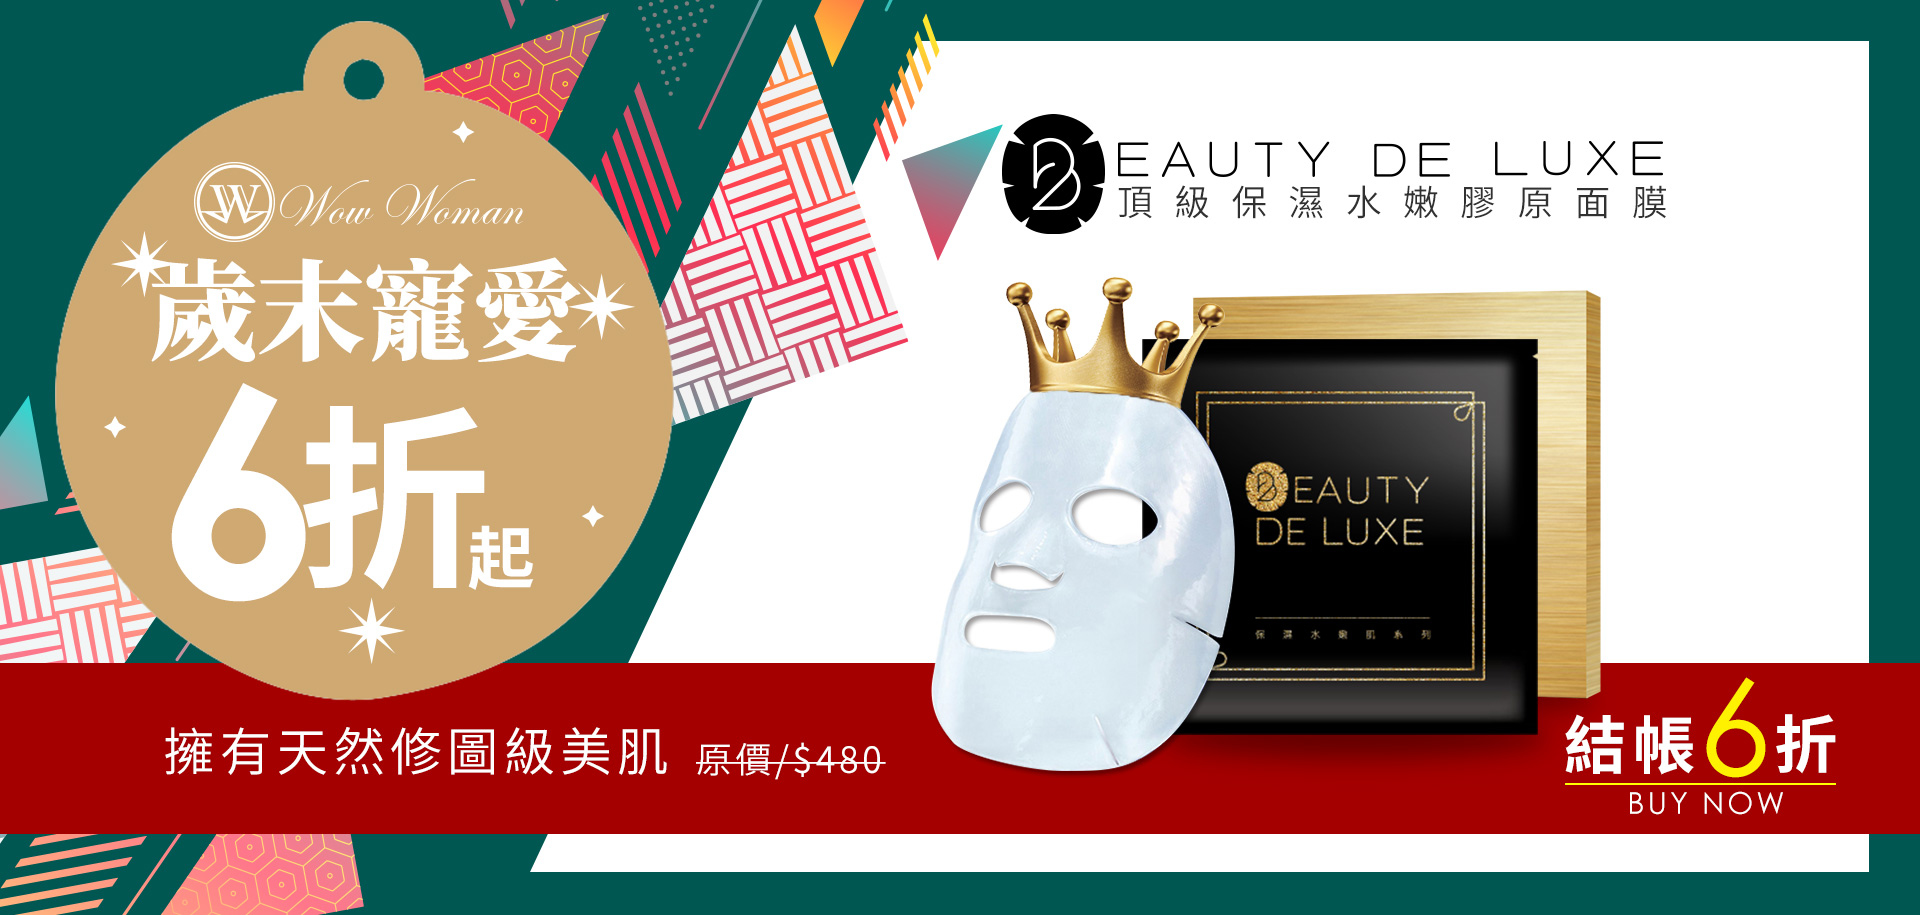 你也能擁有天然修圖級美肌Beauty De Luxe頂級保濕面膜 結帳6折